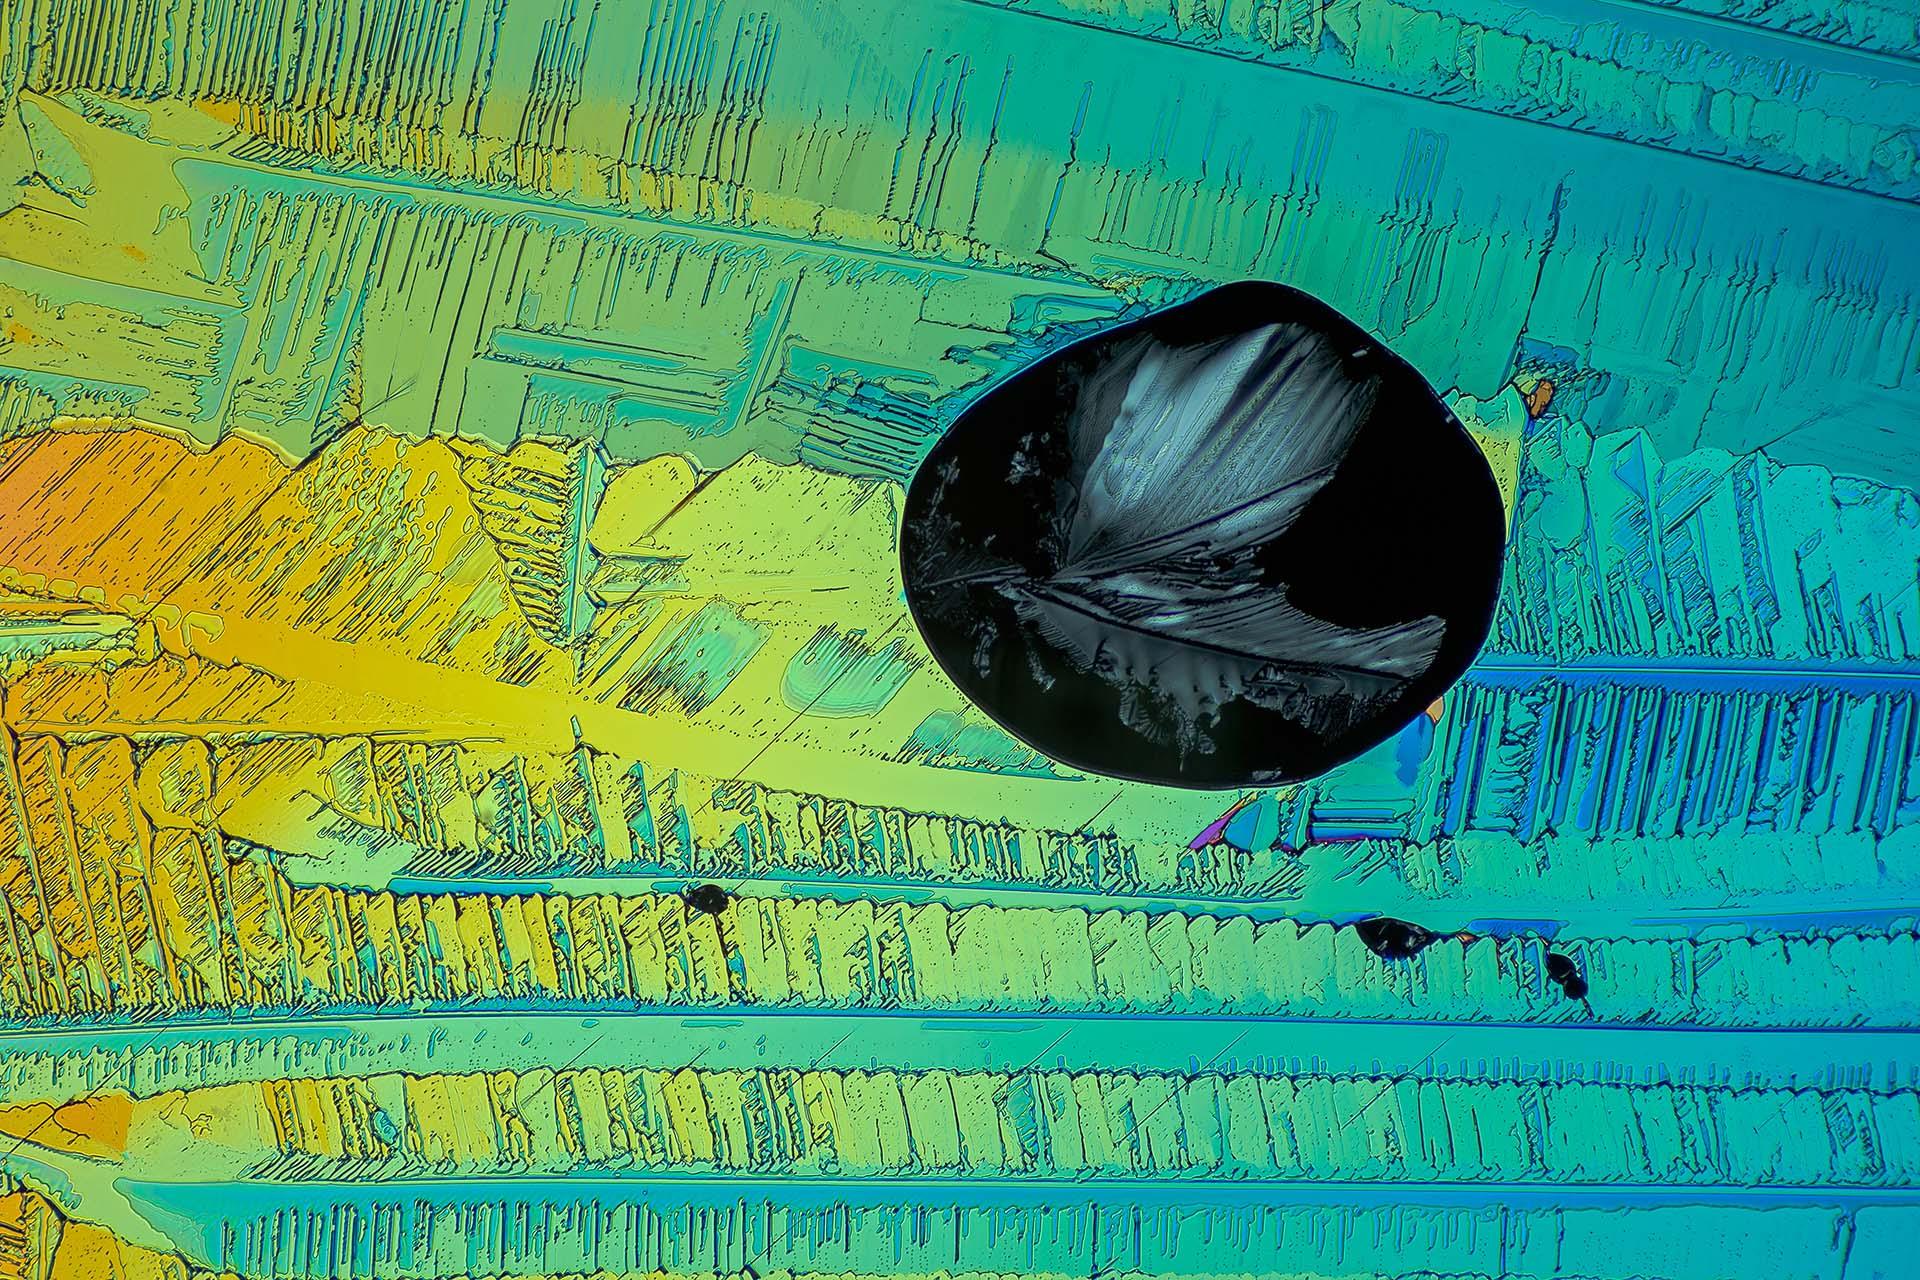 Adipinsäure in einer Vergrößerung von 120:1, Mikro Kristall im polarisierten Licht.